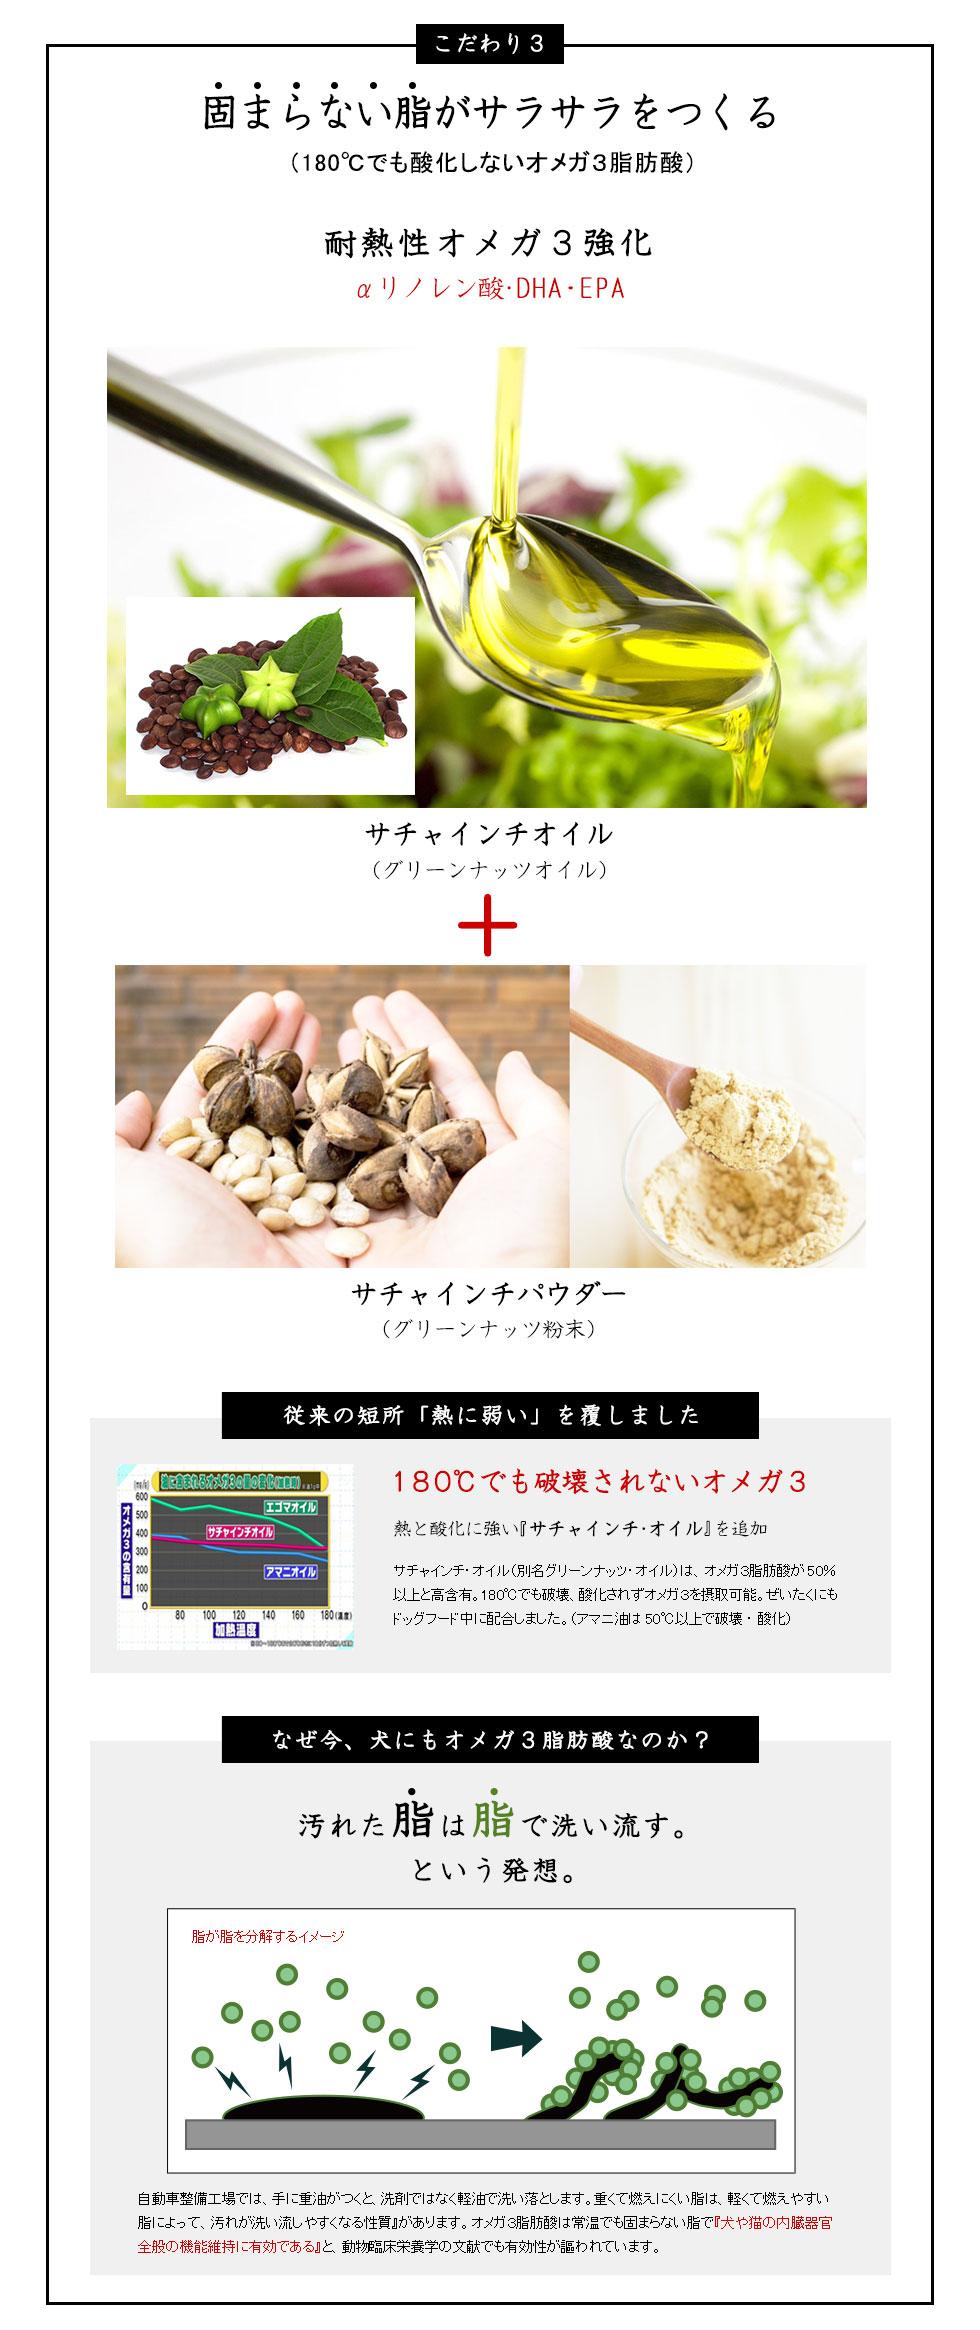 こだわり2 耐熱性オメガ3強化 αリノレン酸・DHA・EPA サチャインチオイル(グリーンナッツオイル)、サチャインチパウダー(グリーンナッツ粉末)